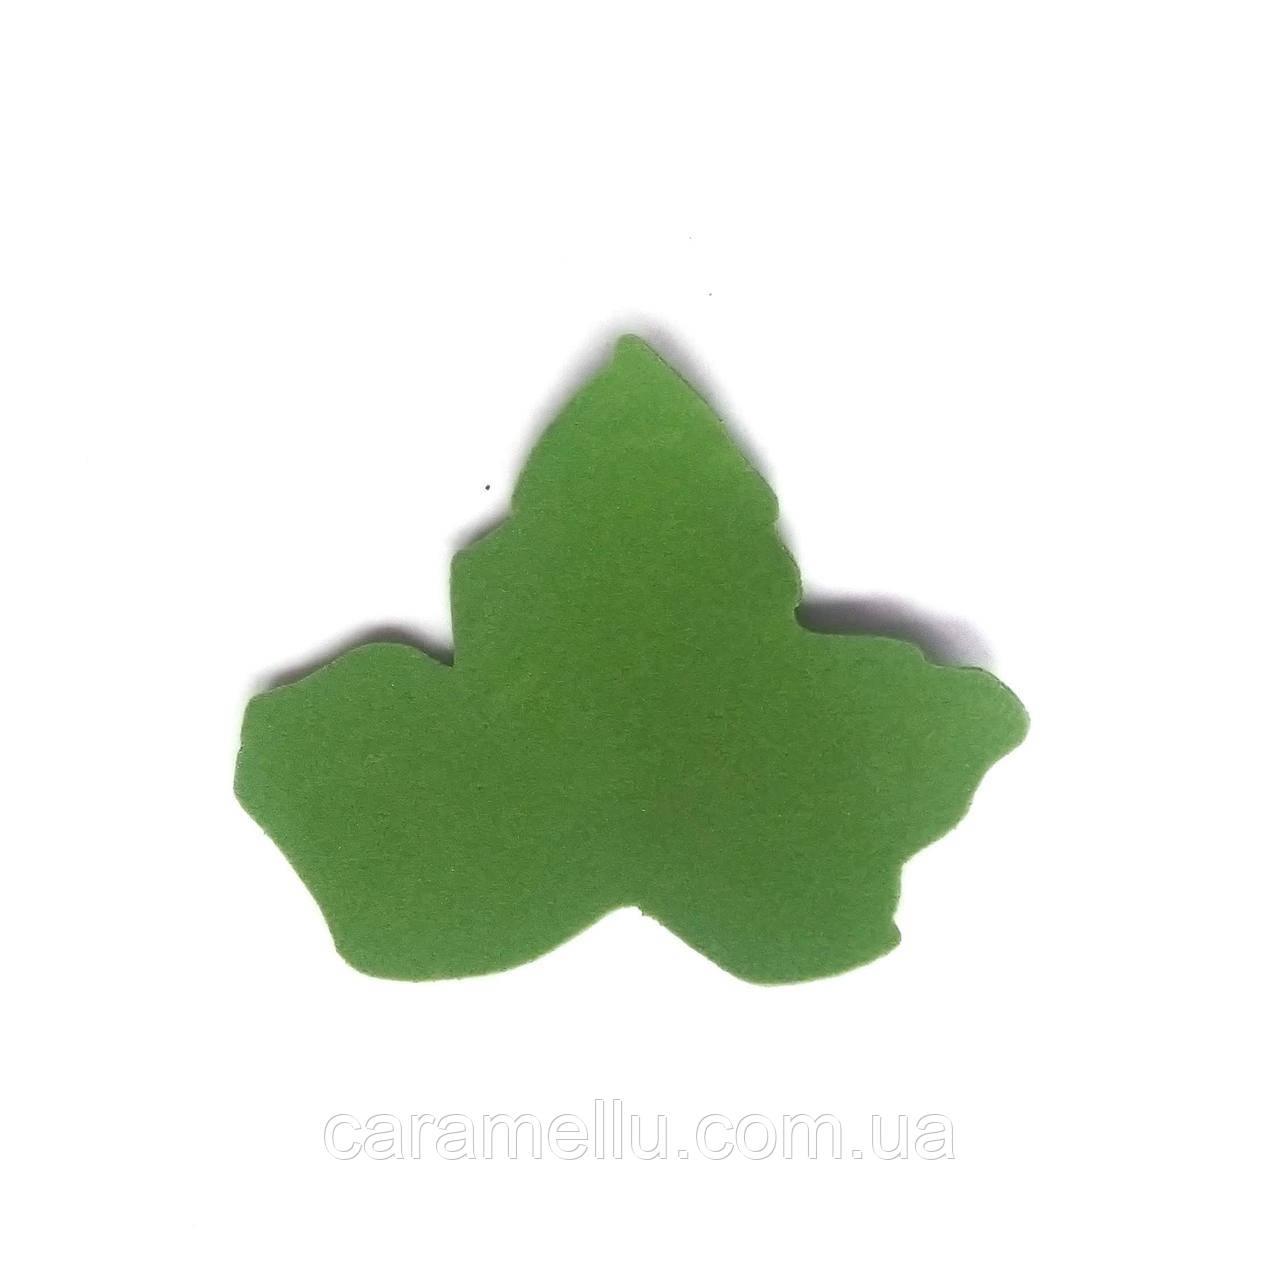 Лист земляники*5 см. Темно-зеленый 179